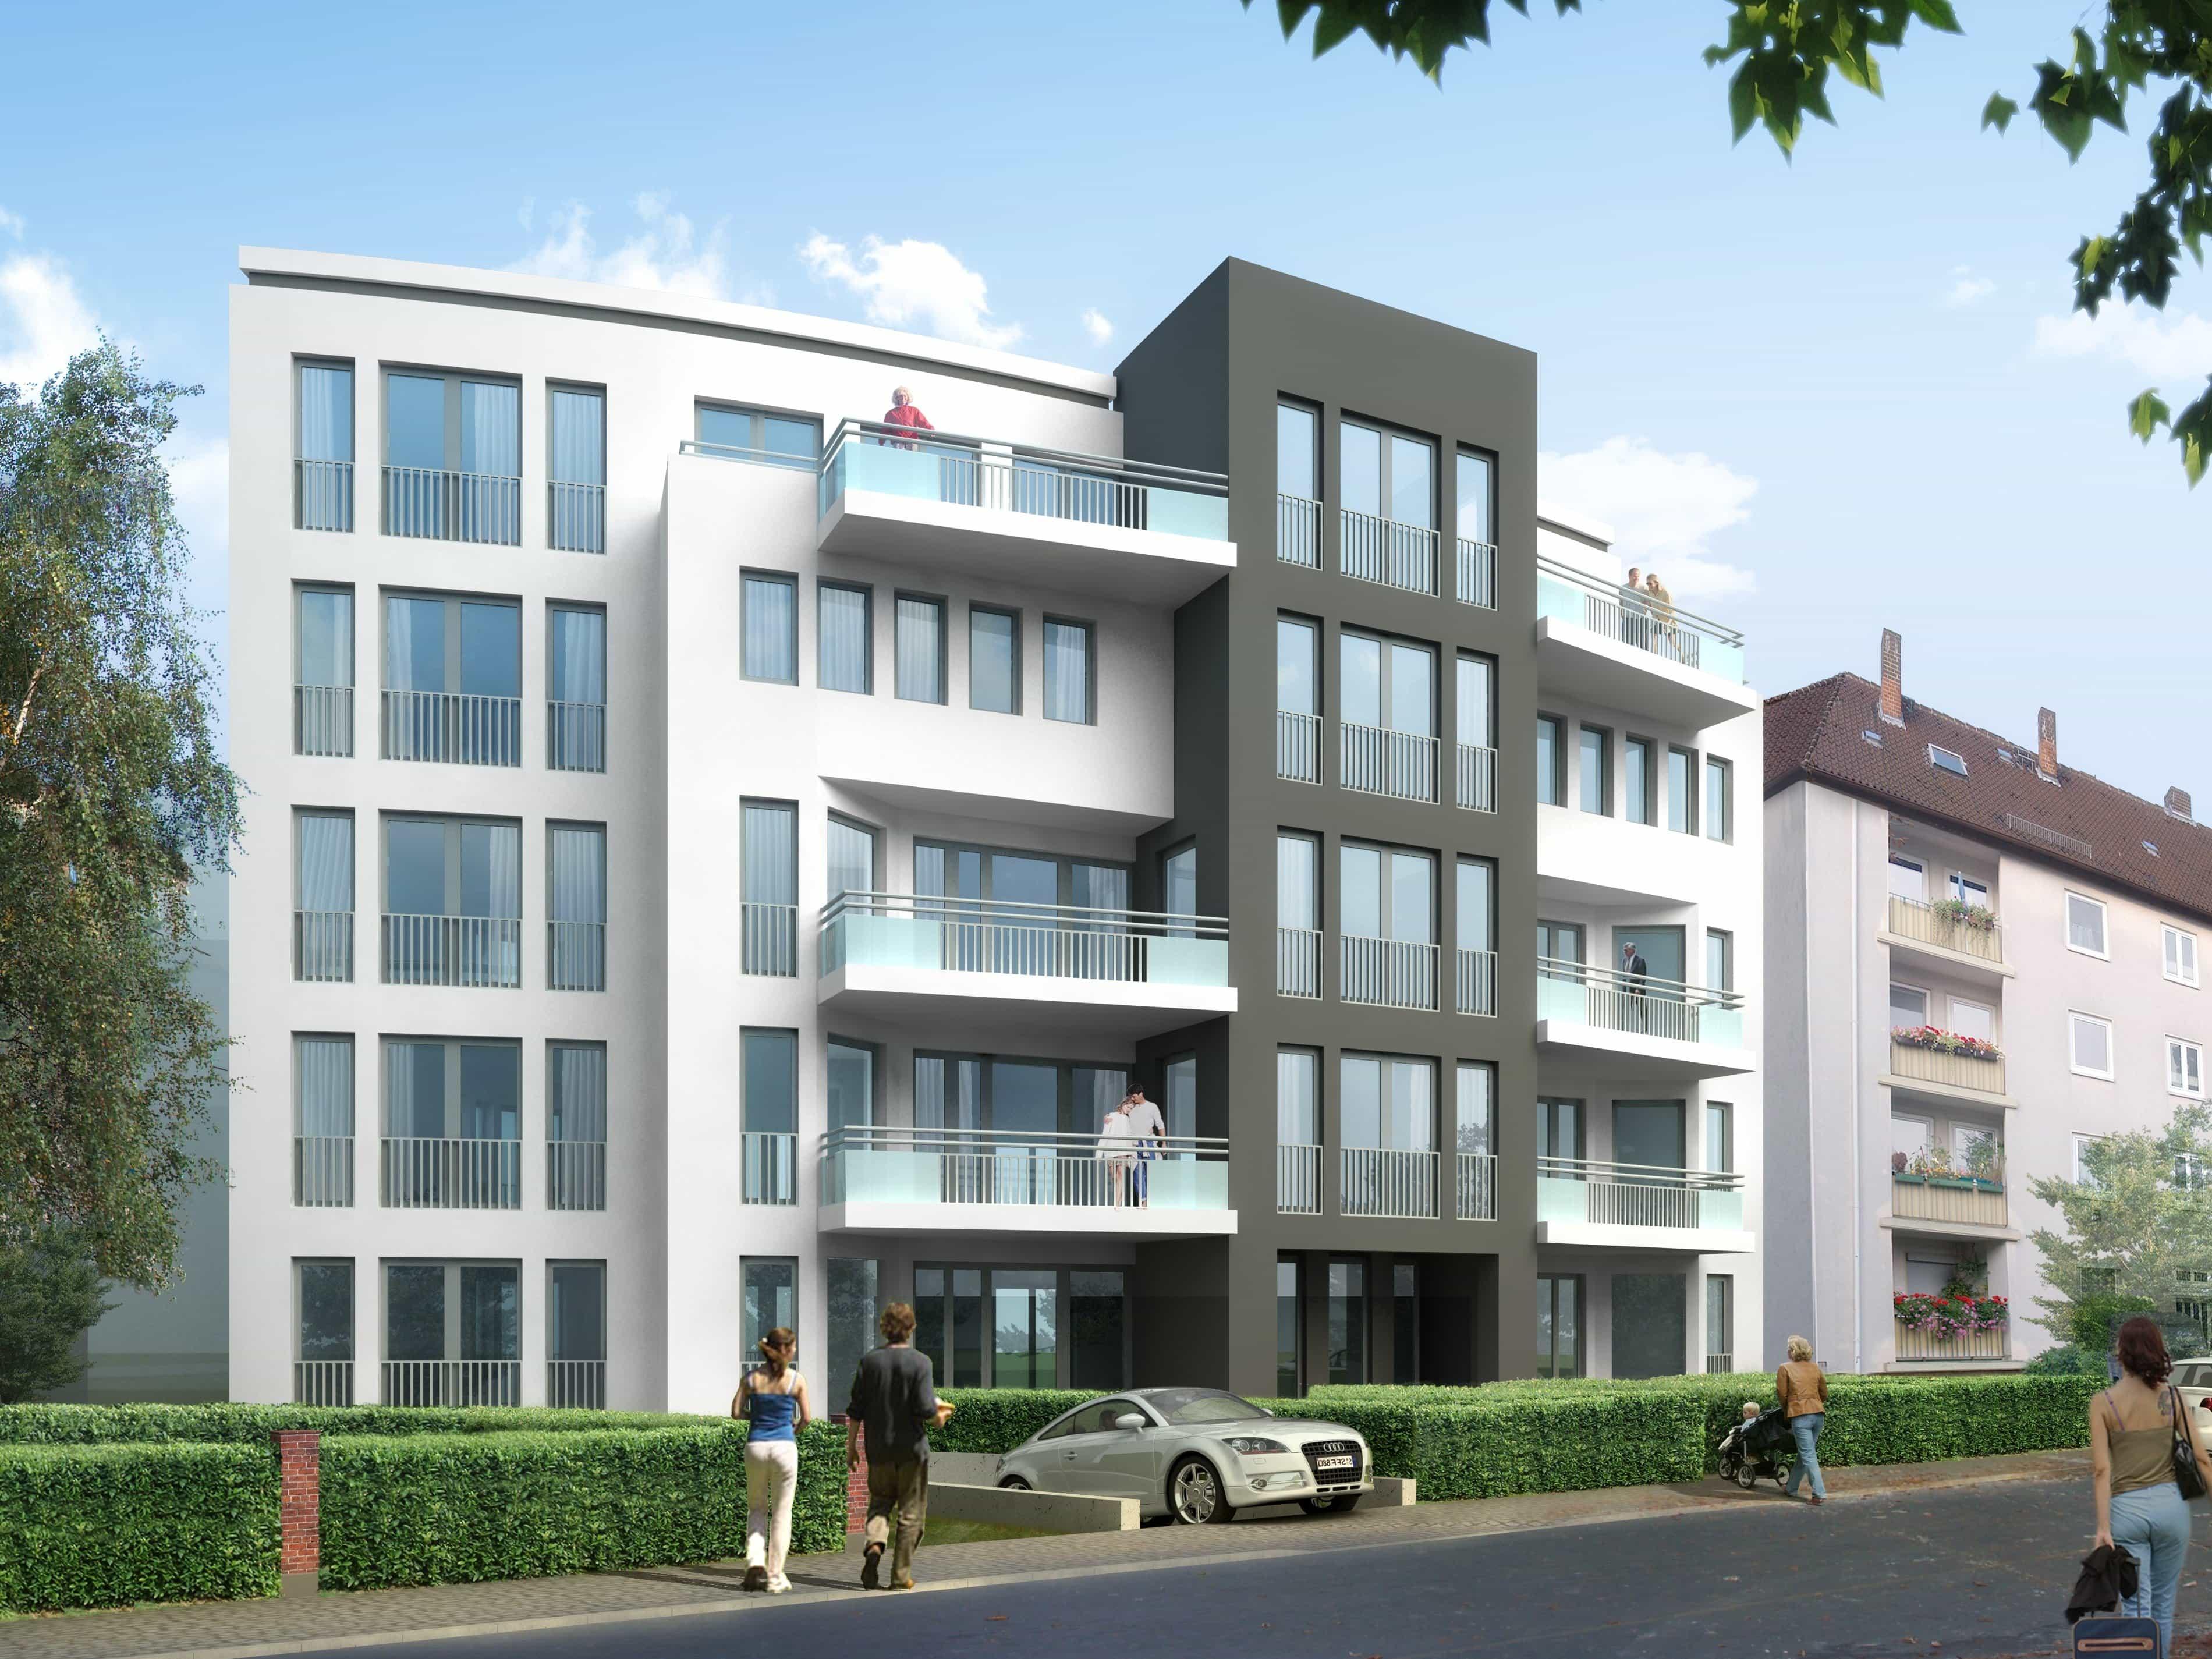 Gratis afbeelding: architectuur huis daglicht bouw gevel street